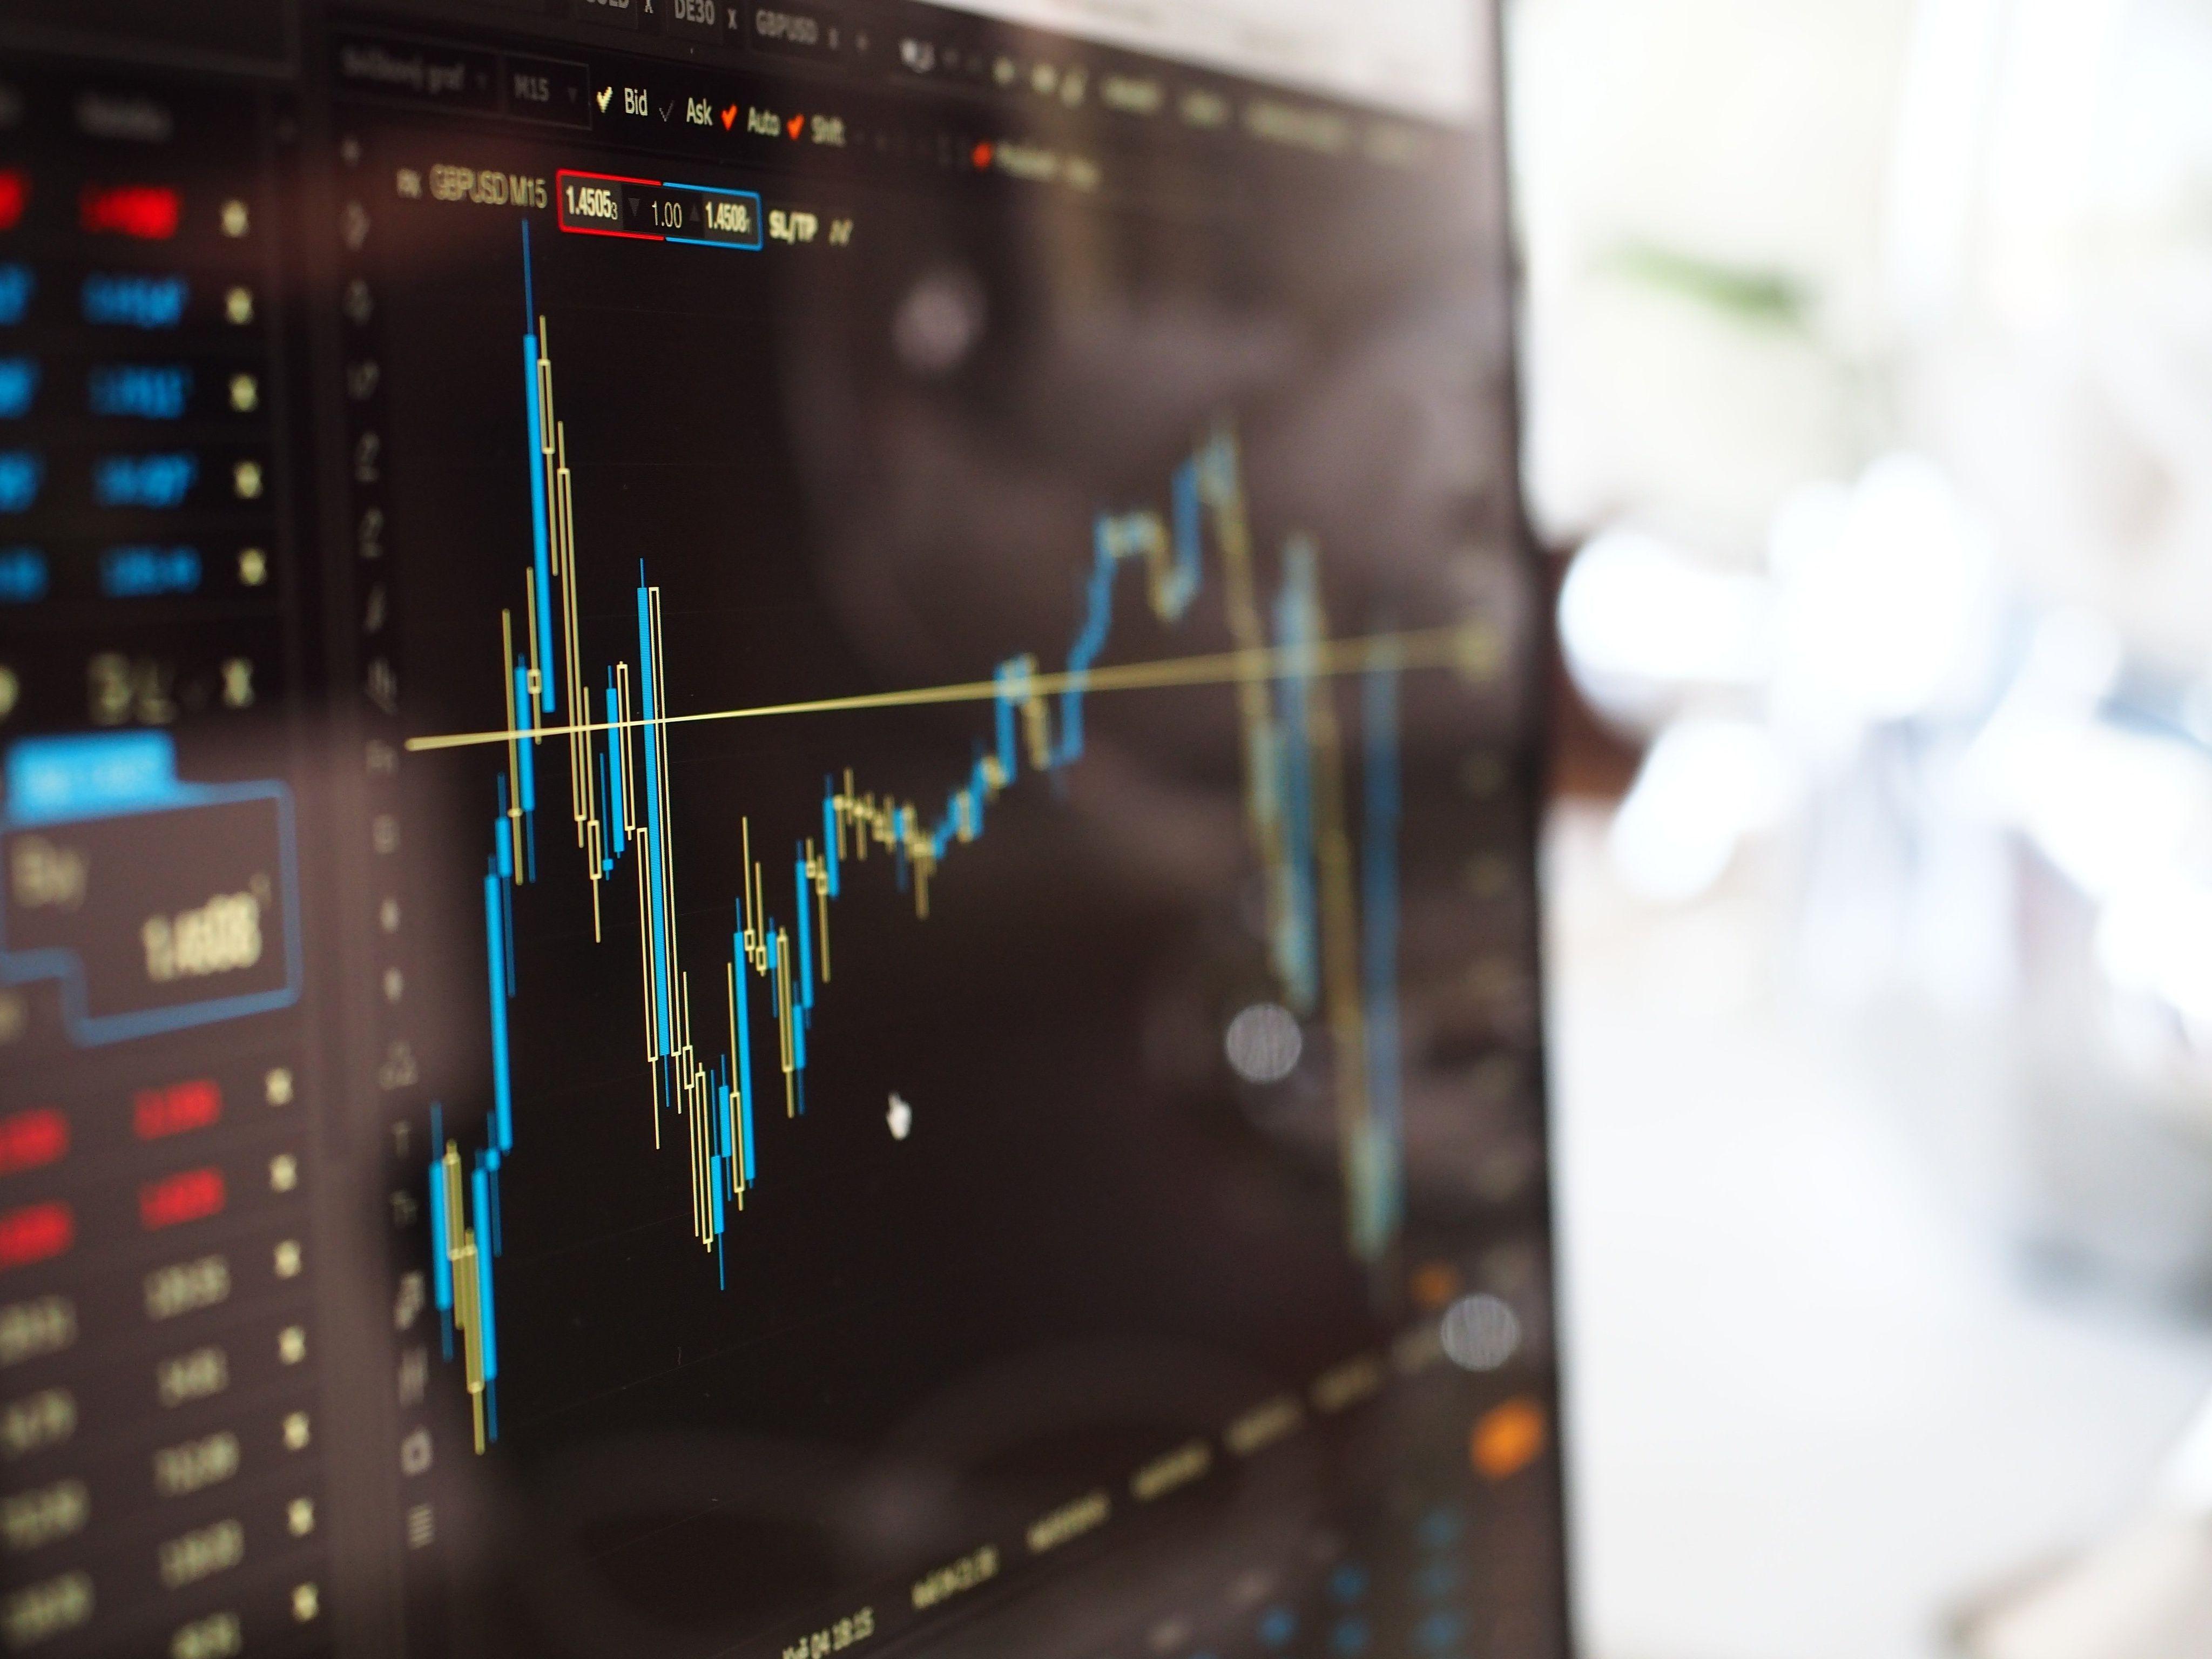 Il est désormais possible d'acheter des actions en cryptomonnaies